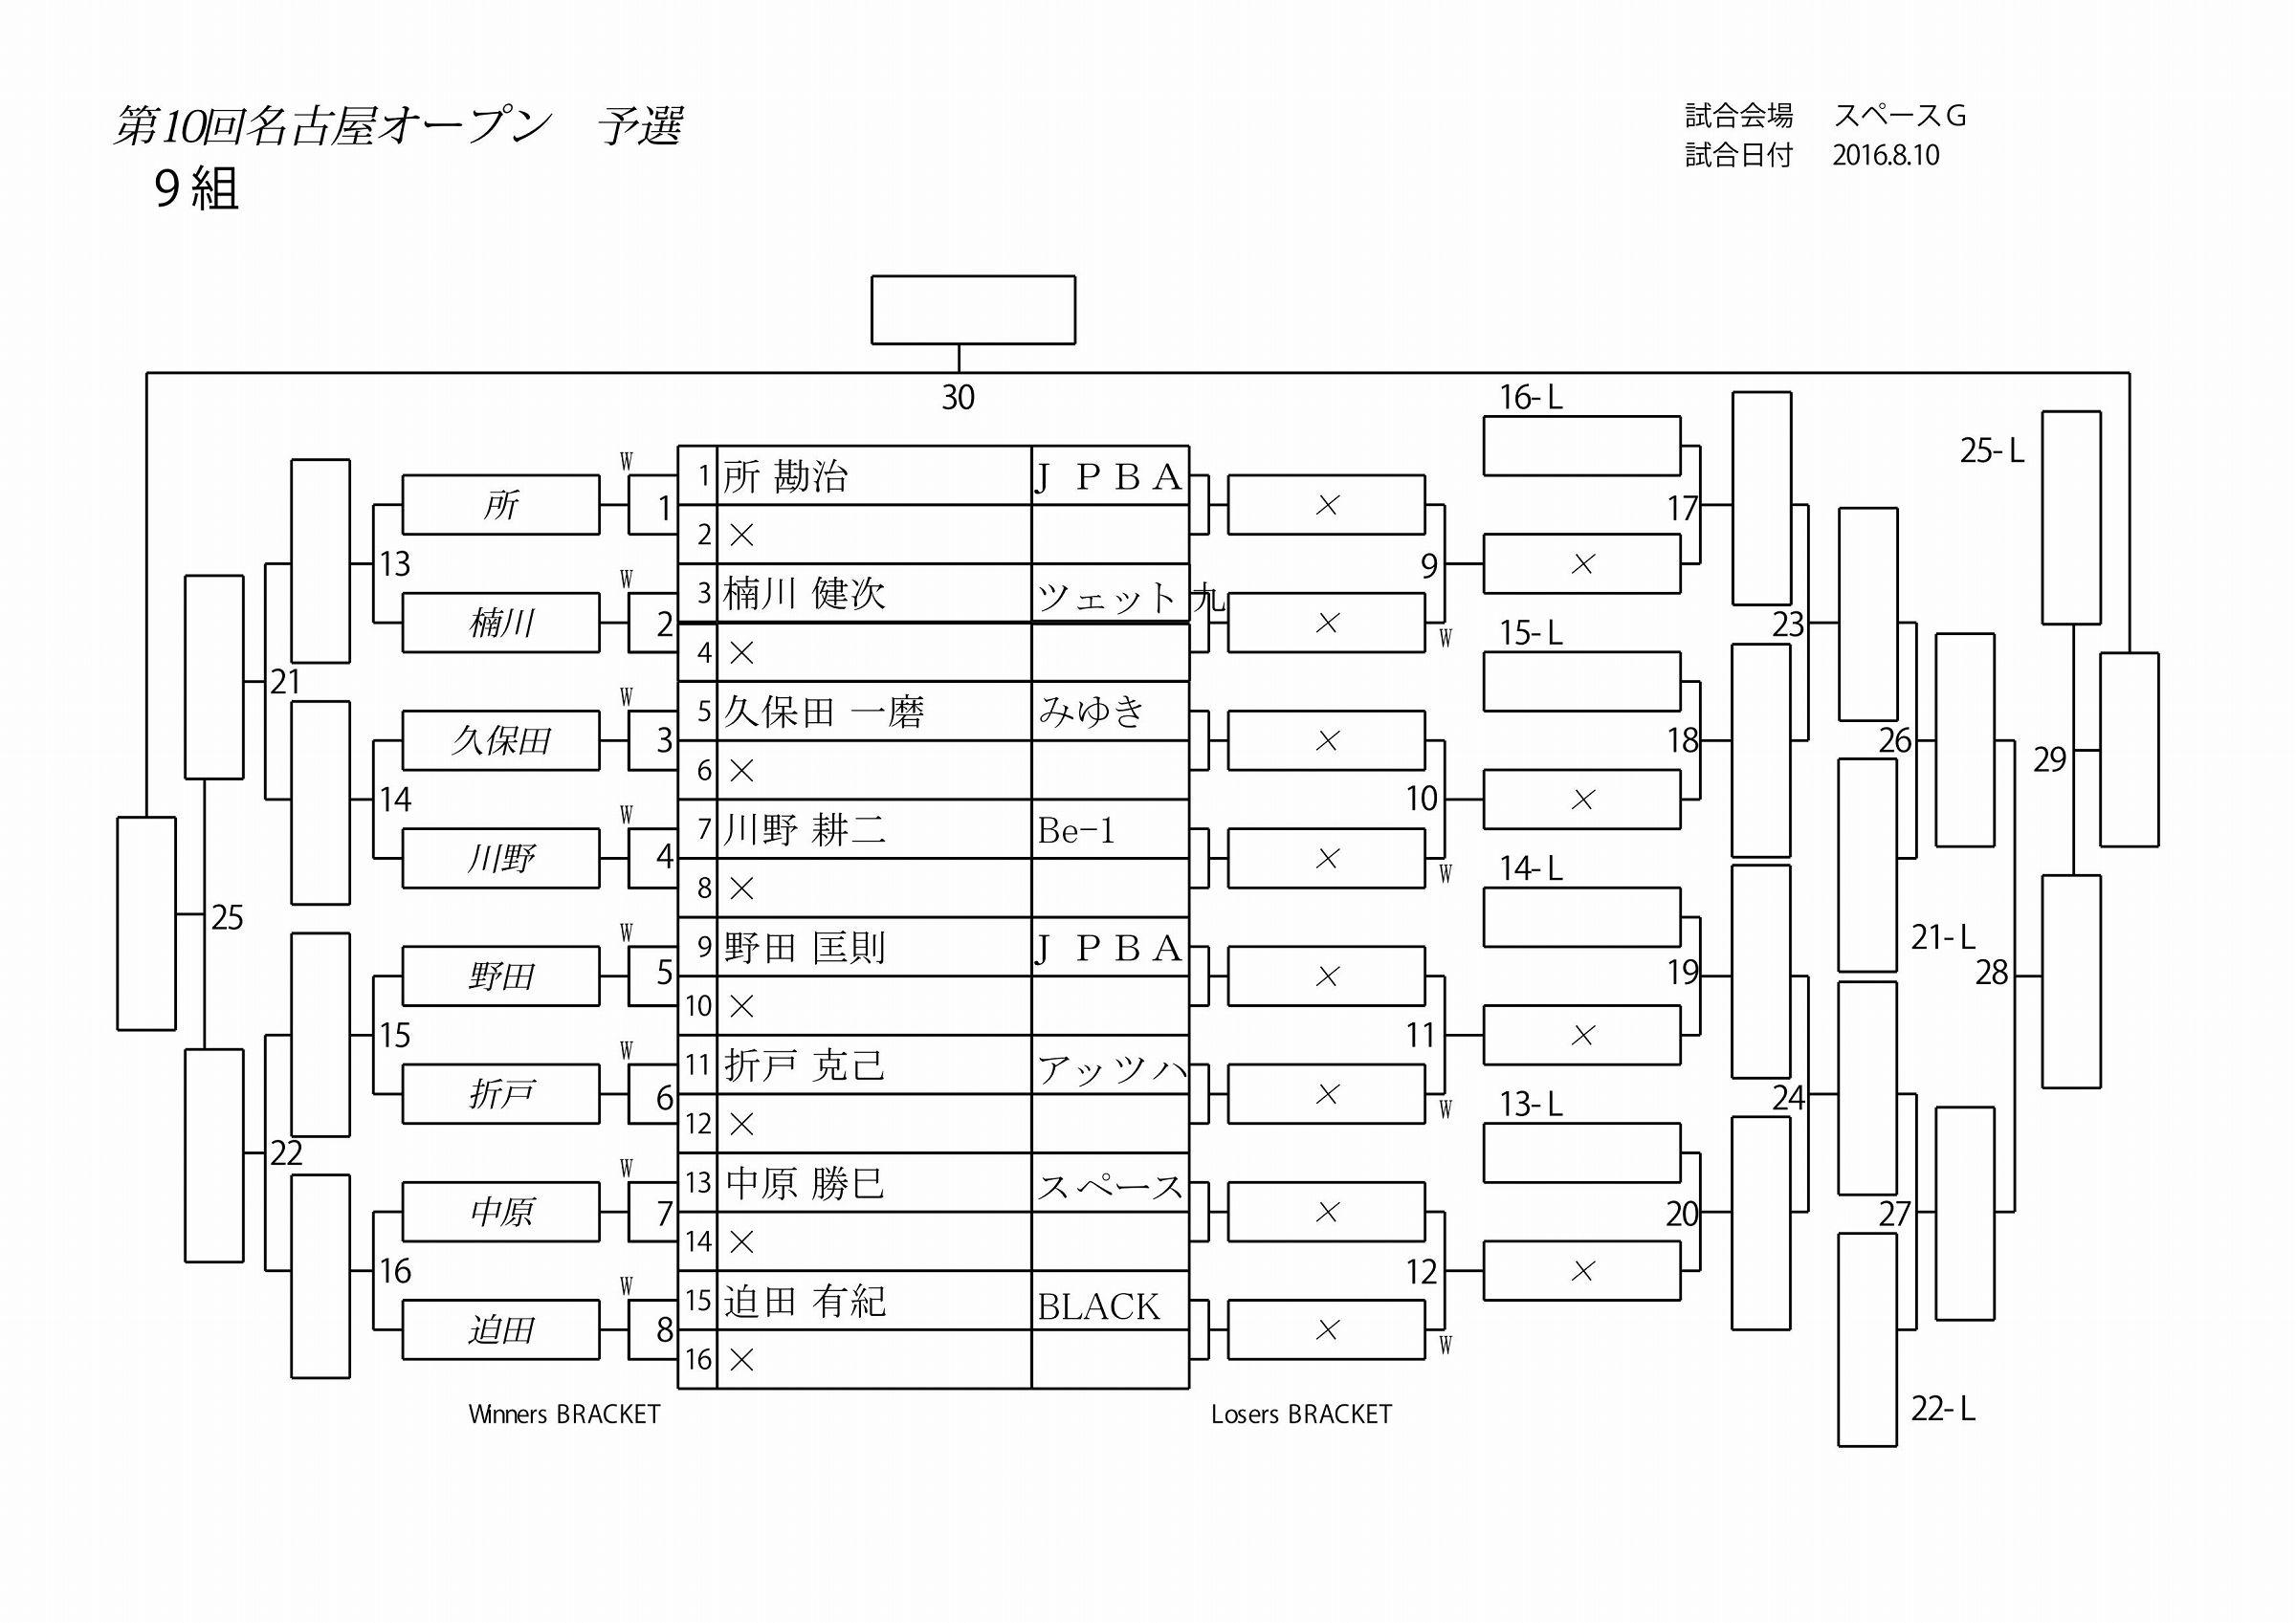 nagoya-op_09